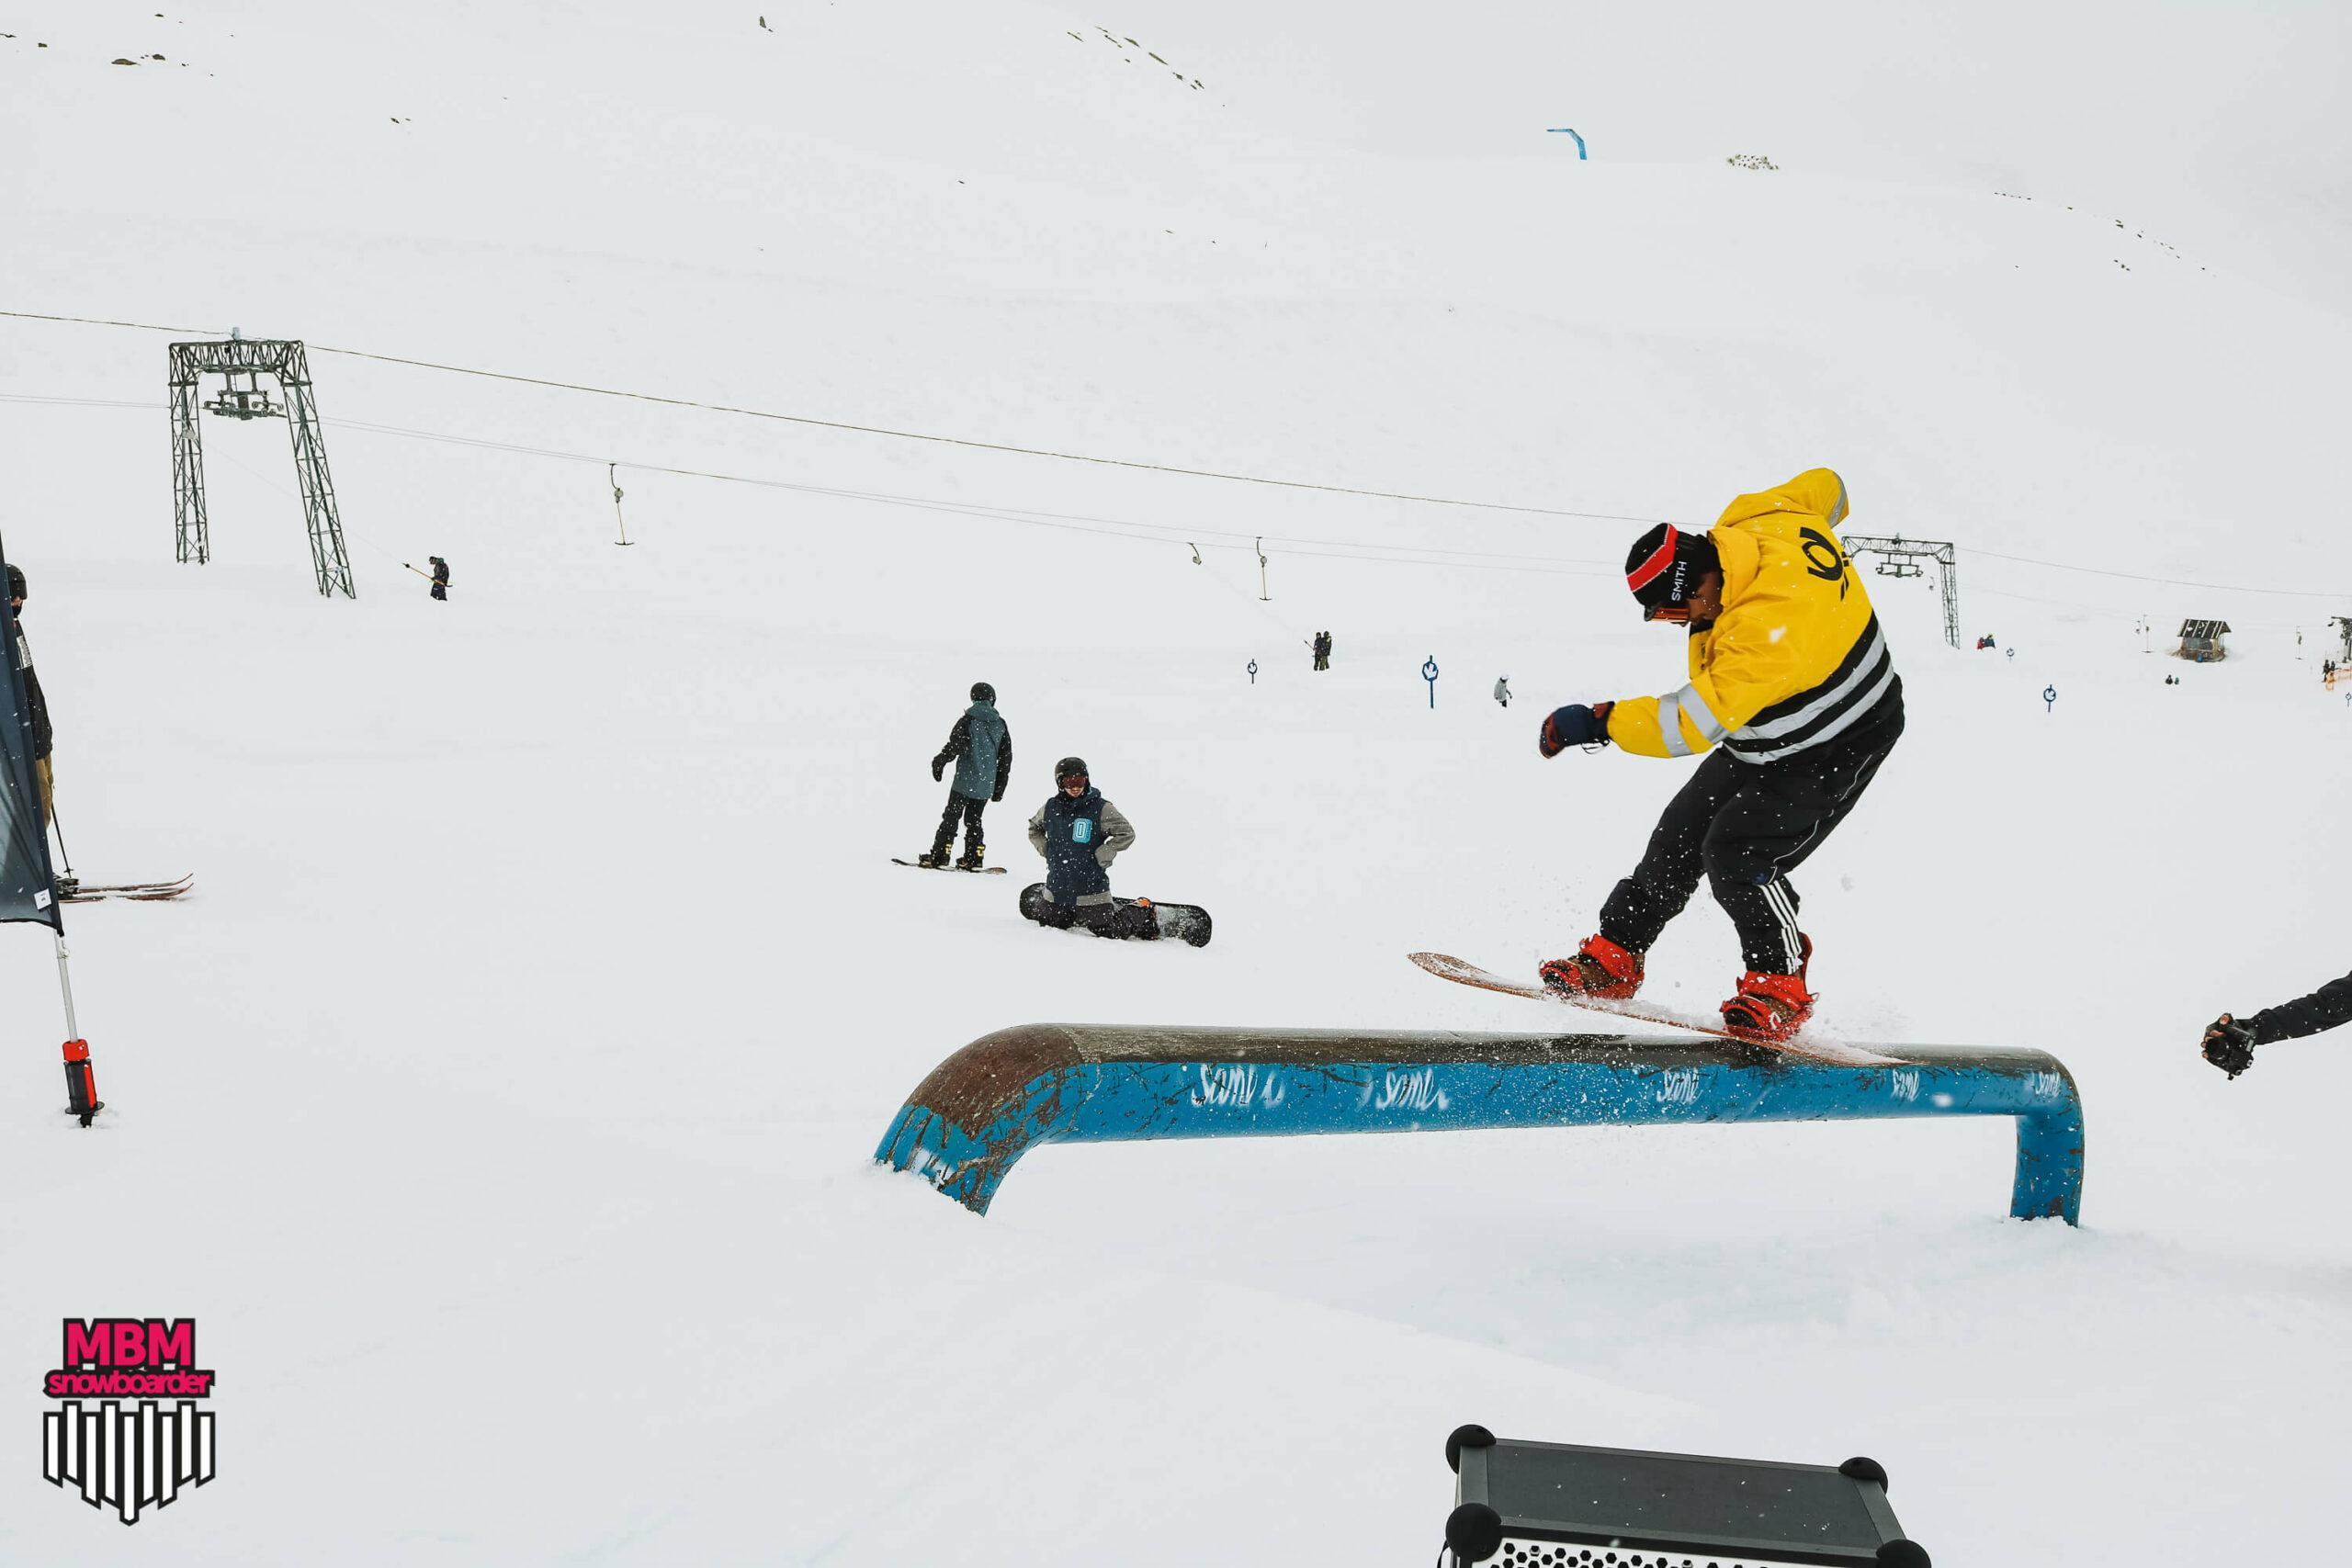 snowboarderMBM_sd_kaunertal_120